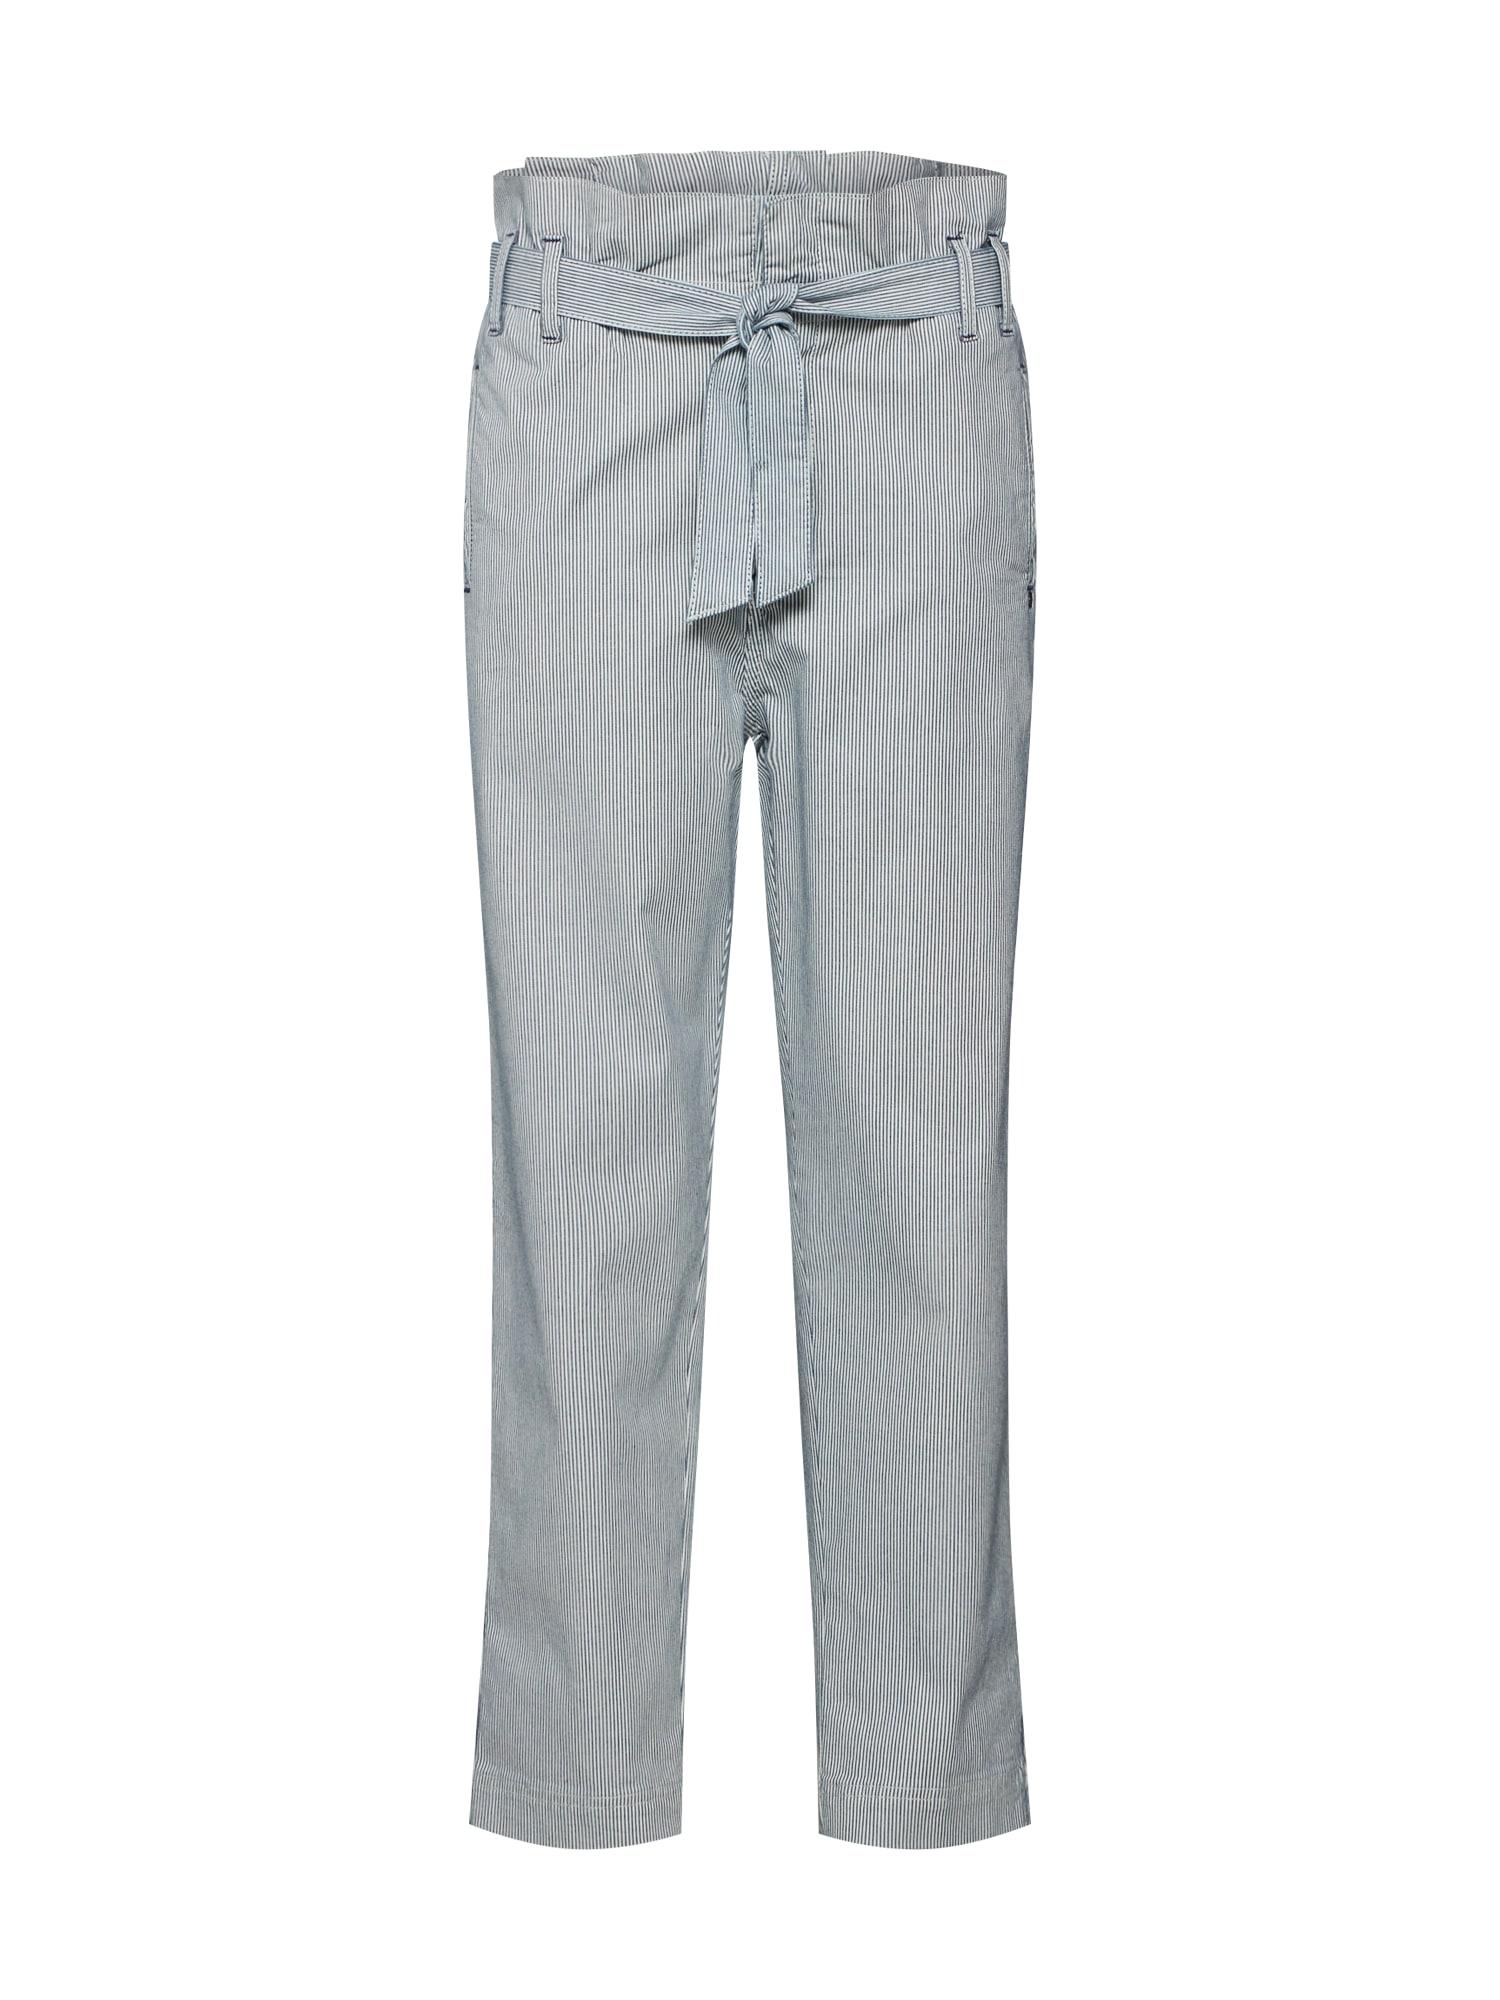 Kalhoty Sophia antracitová bílá Pepe Jeans